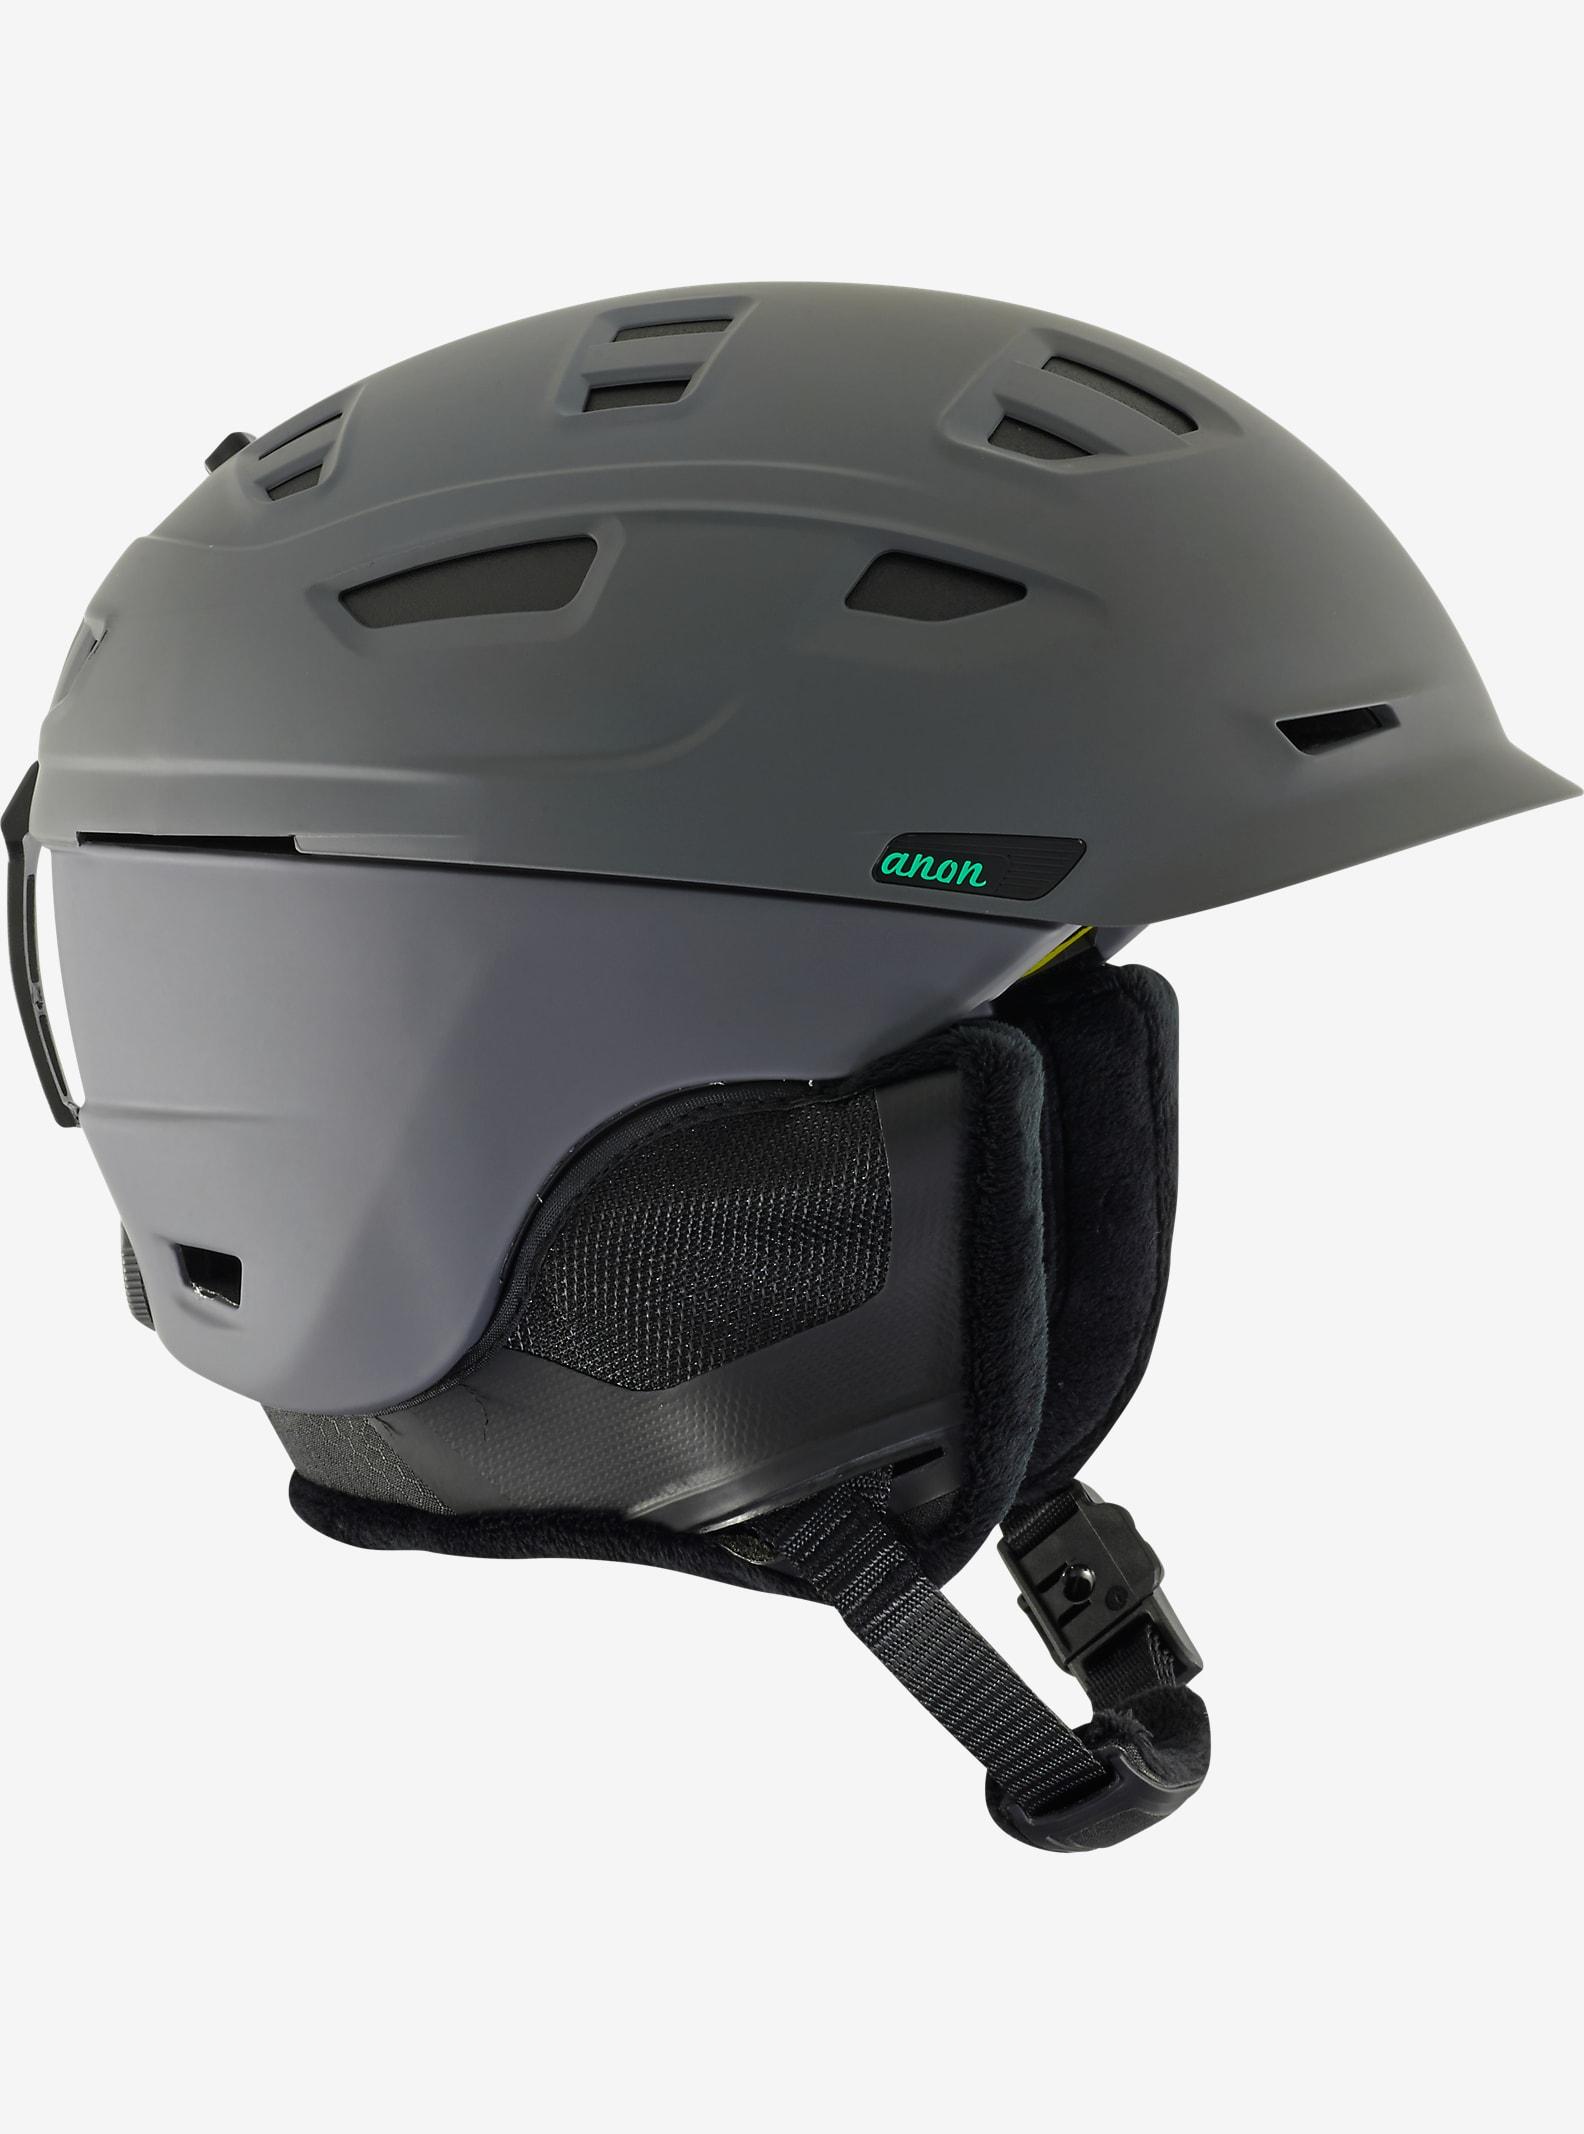 anon. Nova Helmet shown in Gray